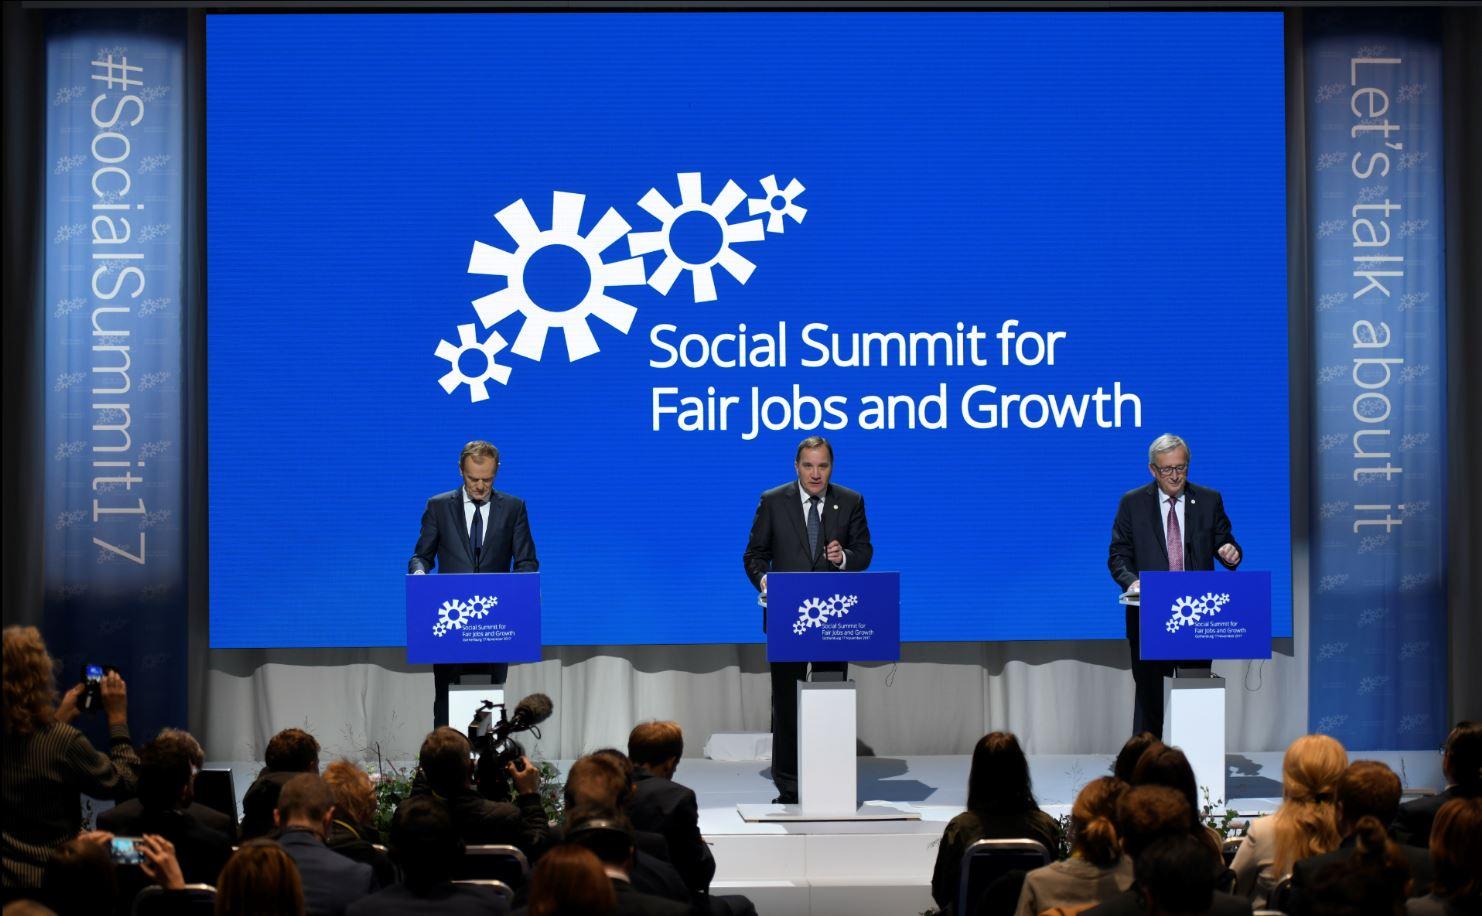 Hur ska den sociala pelaren omsättas i praktiken?